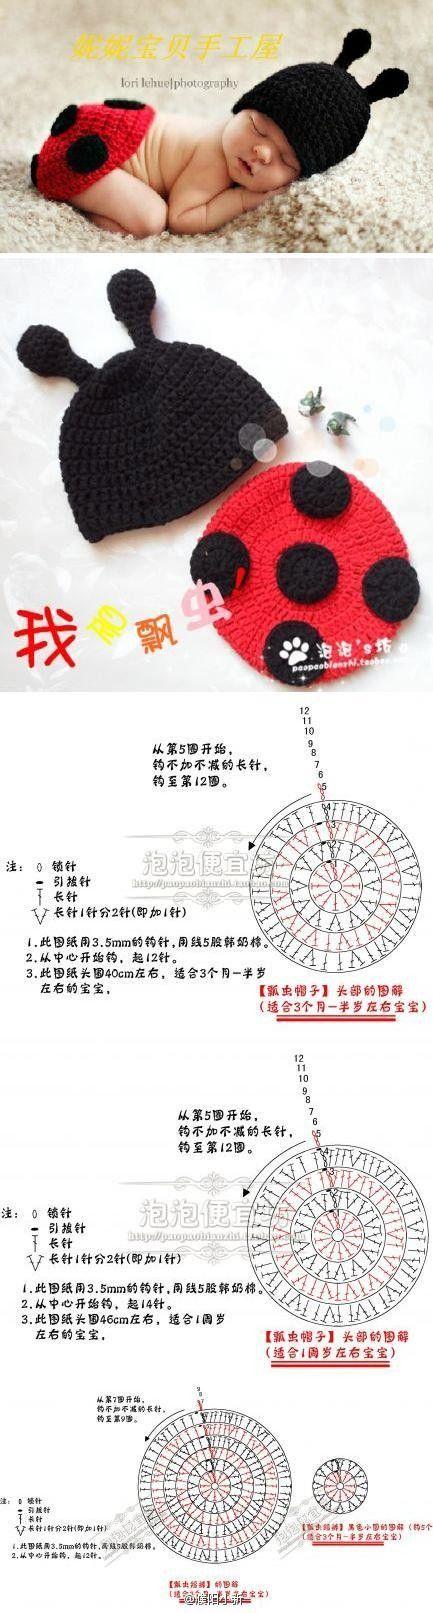 #手工资料#可爱瓢虫套装。微盘清晰大图下载地址:http://t.cn/zYN7JDM(via:新浪博客)